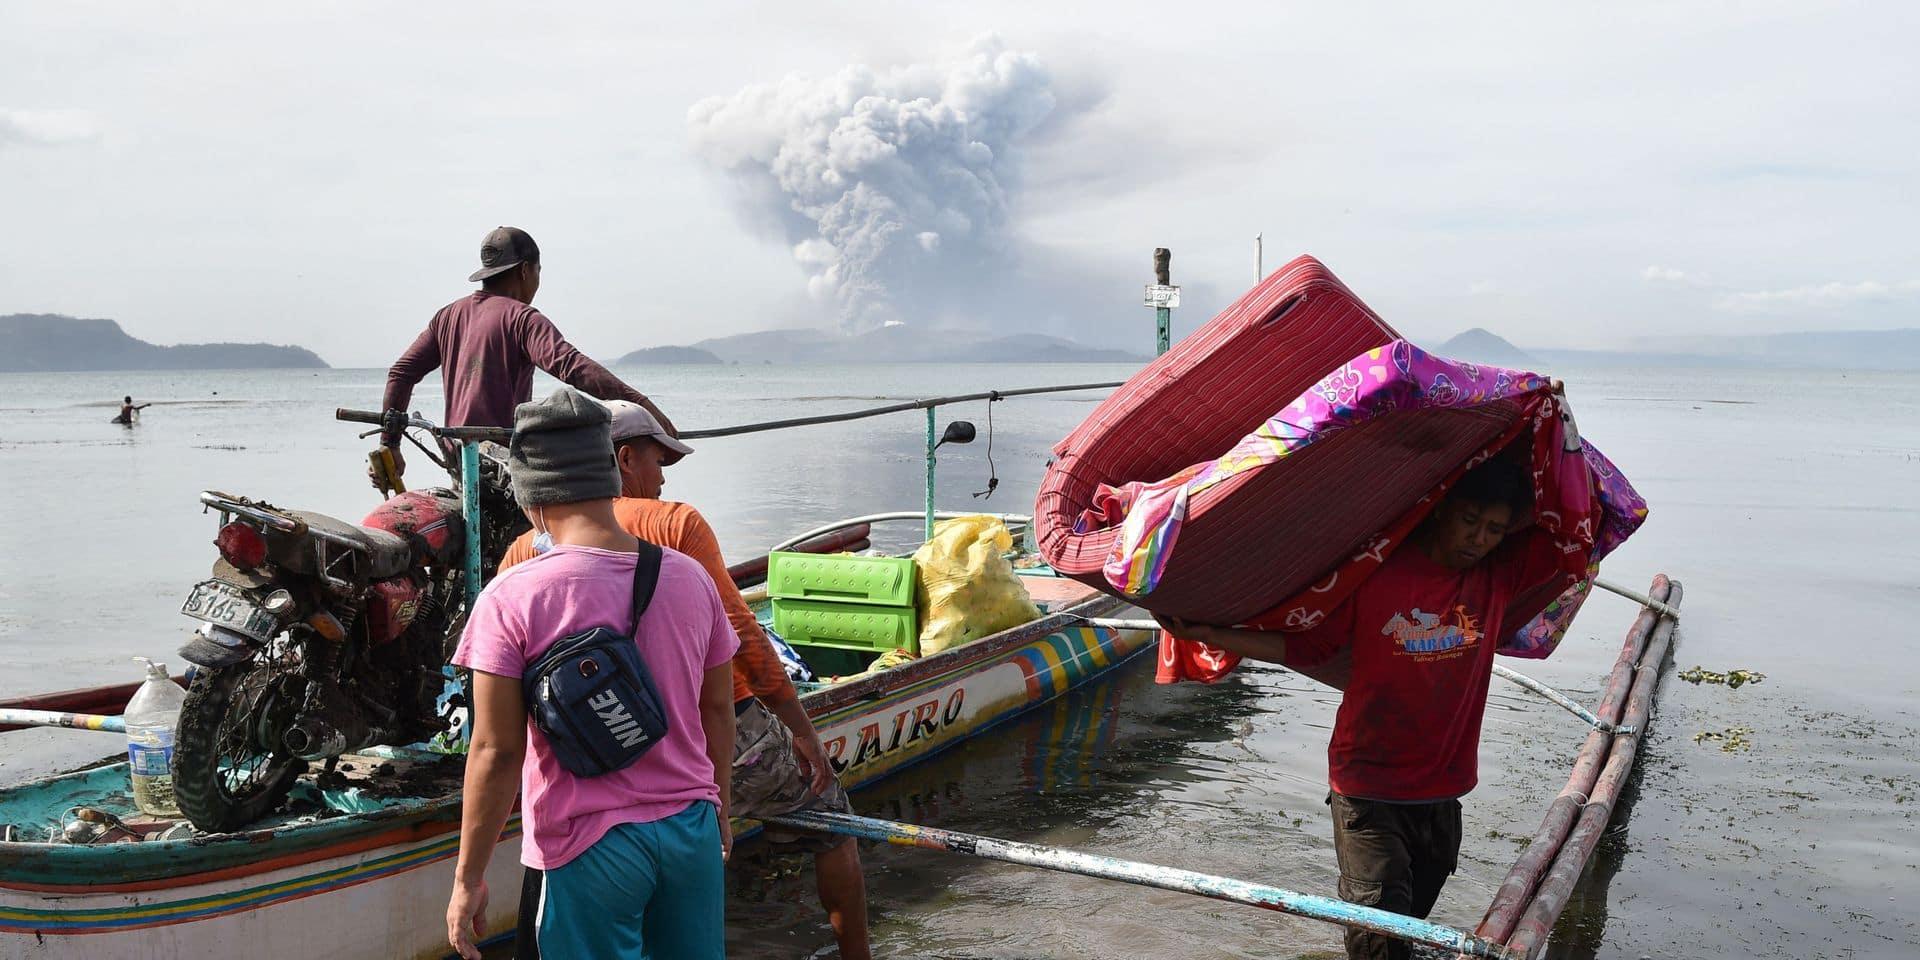 Eruption du volcan Taal aux Philippines: des scientifiques belges ont aidé à sauver des vies